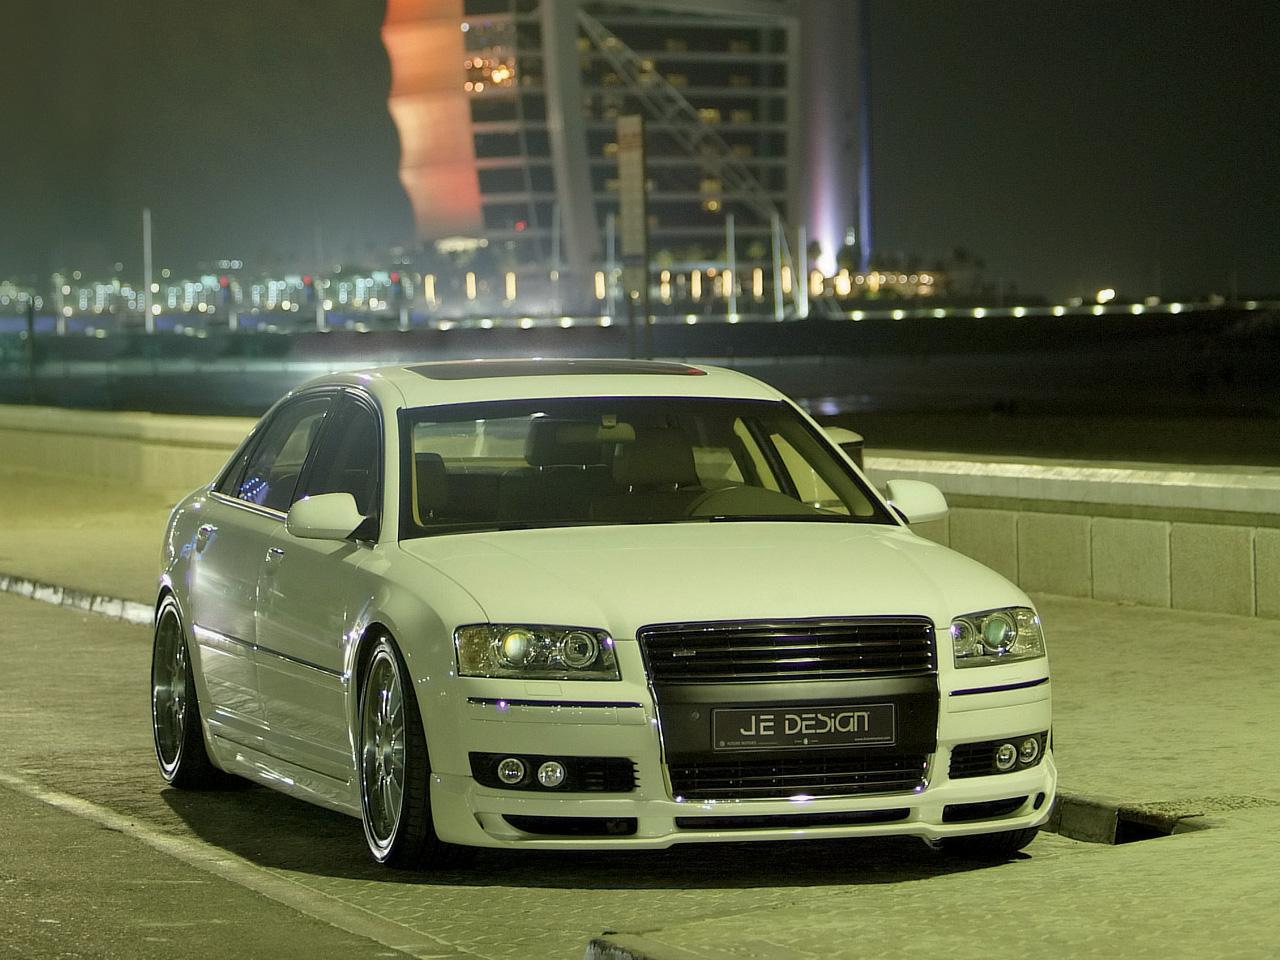 2006 JE Design Audi A8   Night Dubai   1280x960   Wallpaper 1280x960